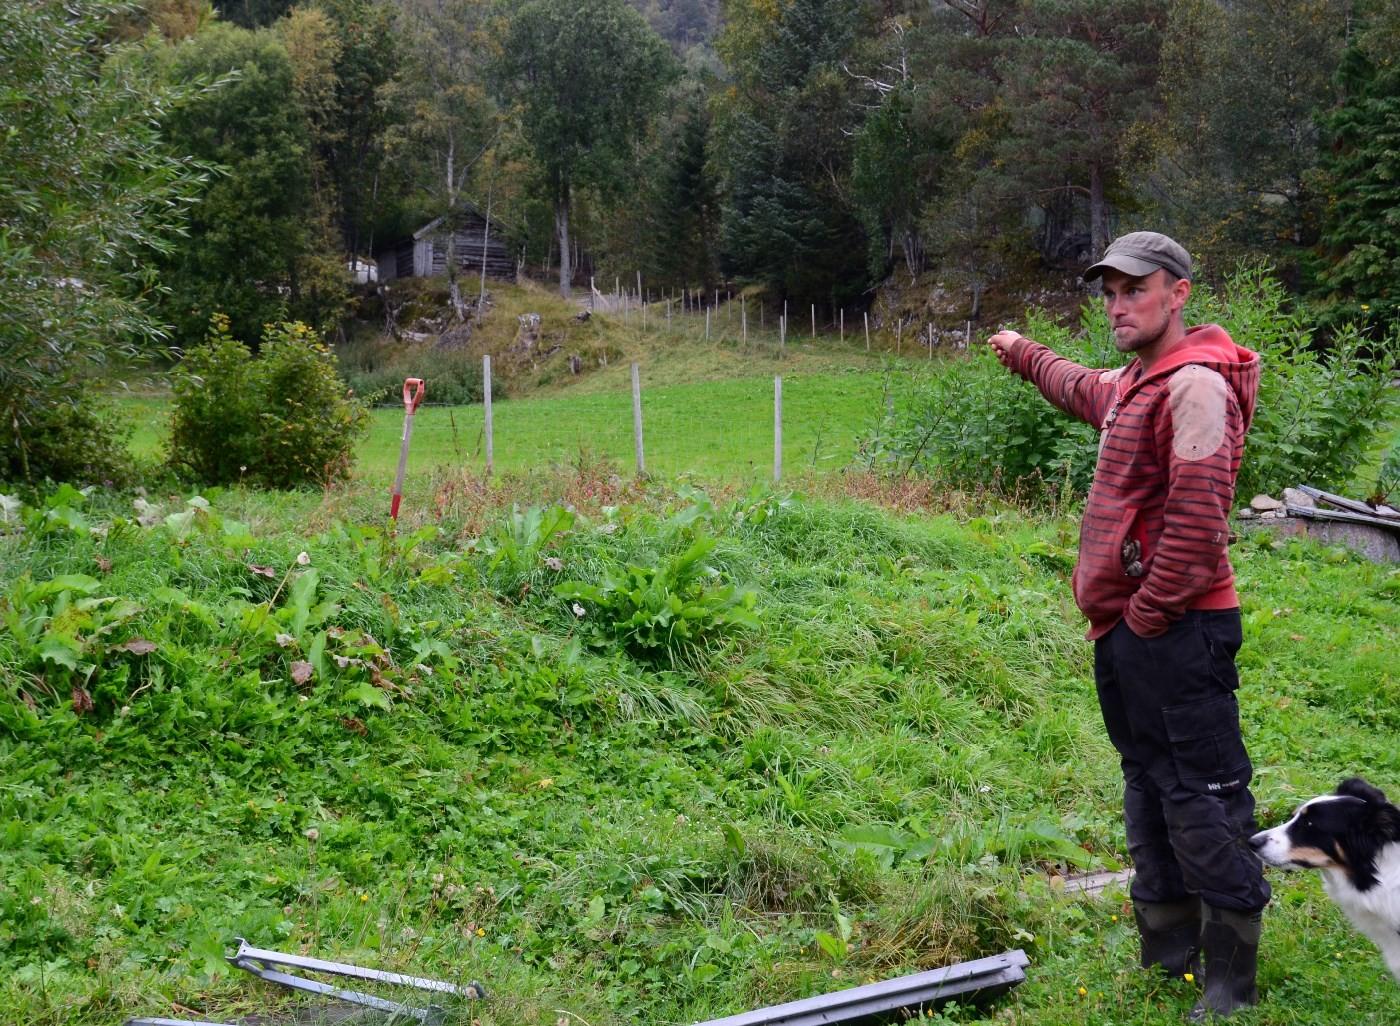 Ved grinda oppe i skogkanten stod moskusen ei lita stund, før den stakk til skogs igjen, fortalte Per Åke.  Foto: Jon Olav Ørsal